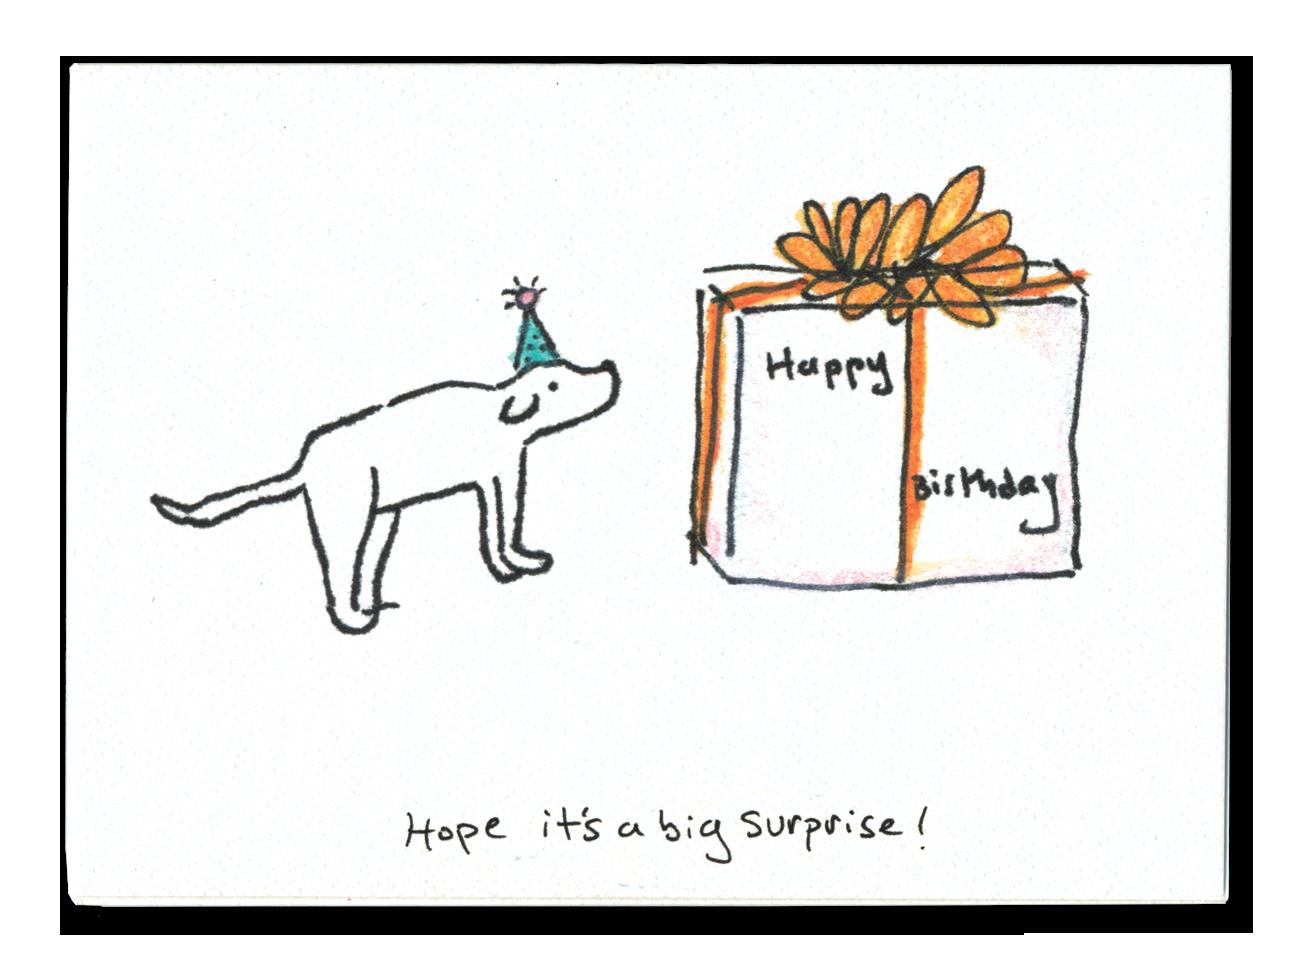 Hope It's a Big Surprise